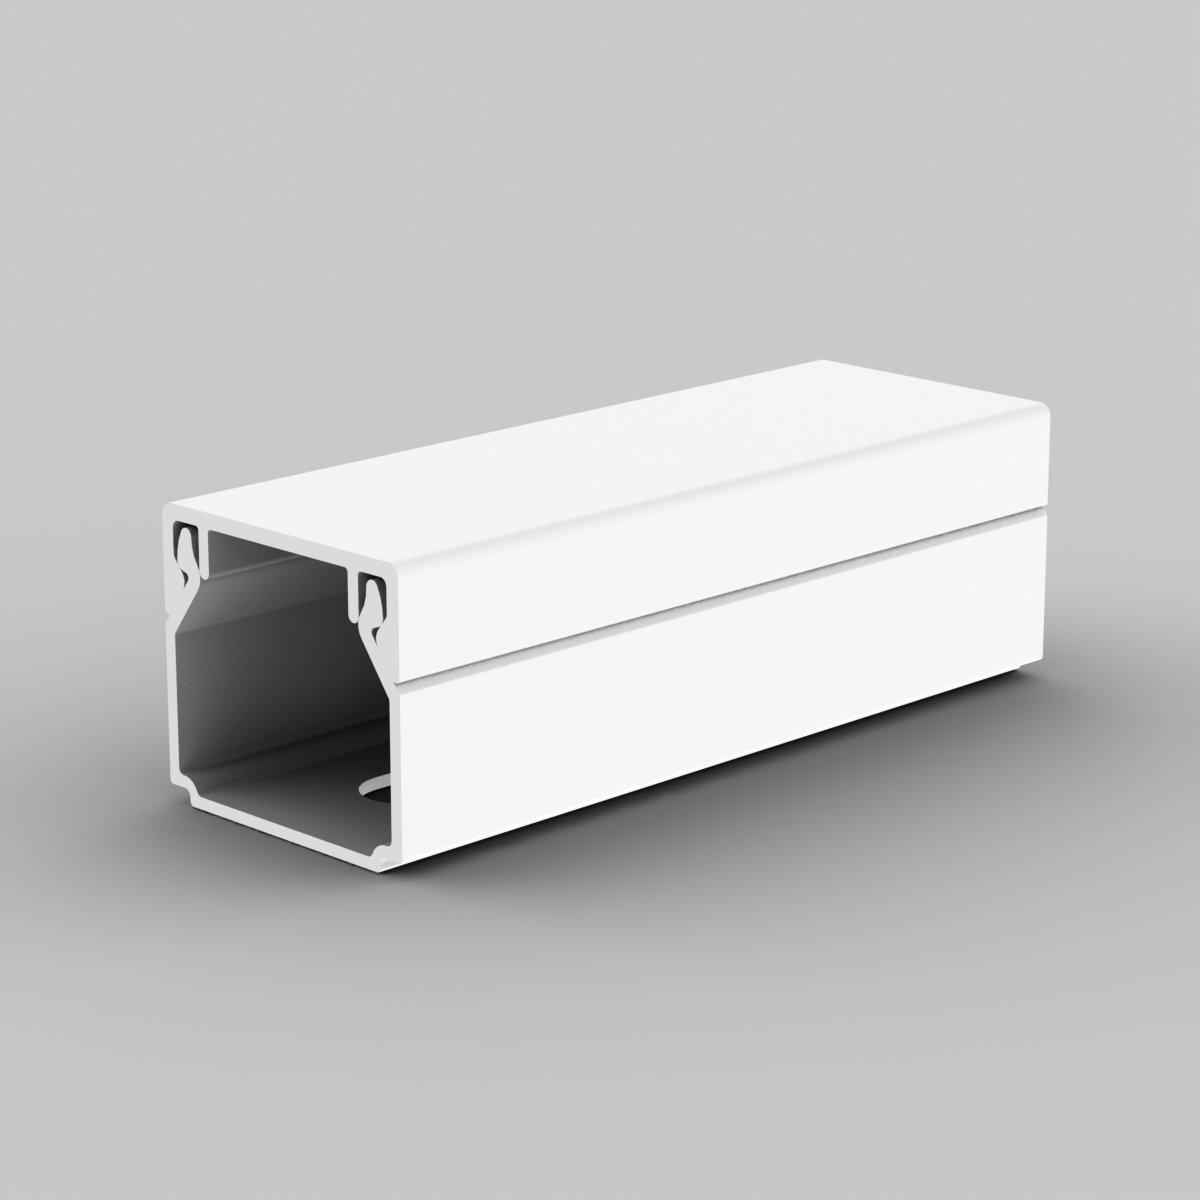 Lišta hranatá 20x20 bílá (LHD 20X20_HD)